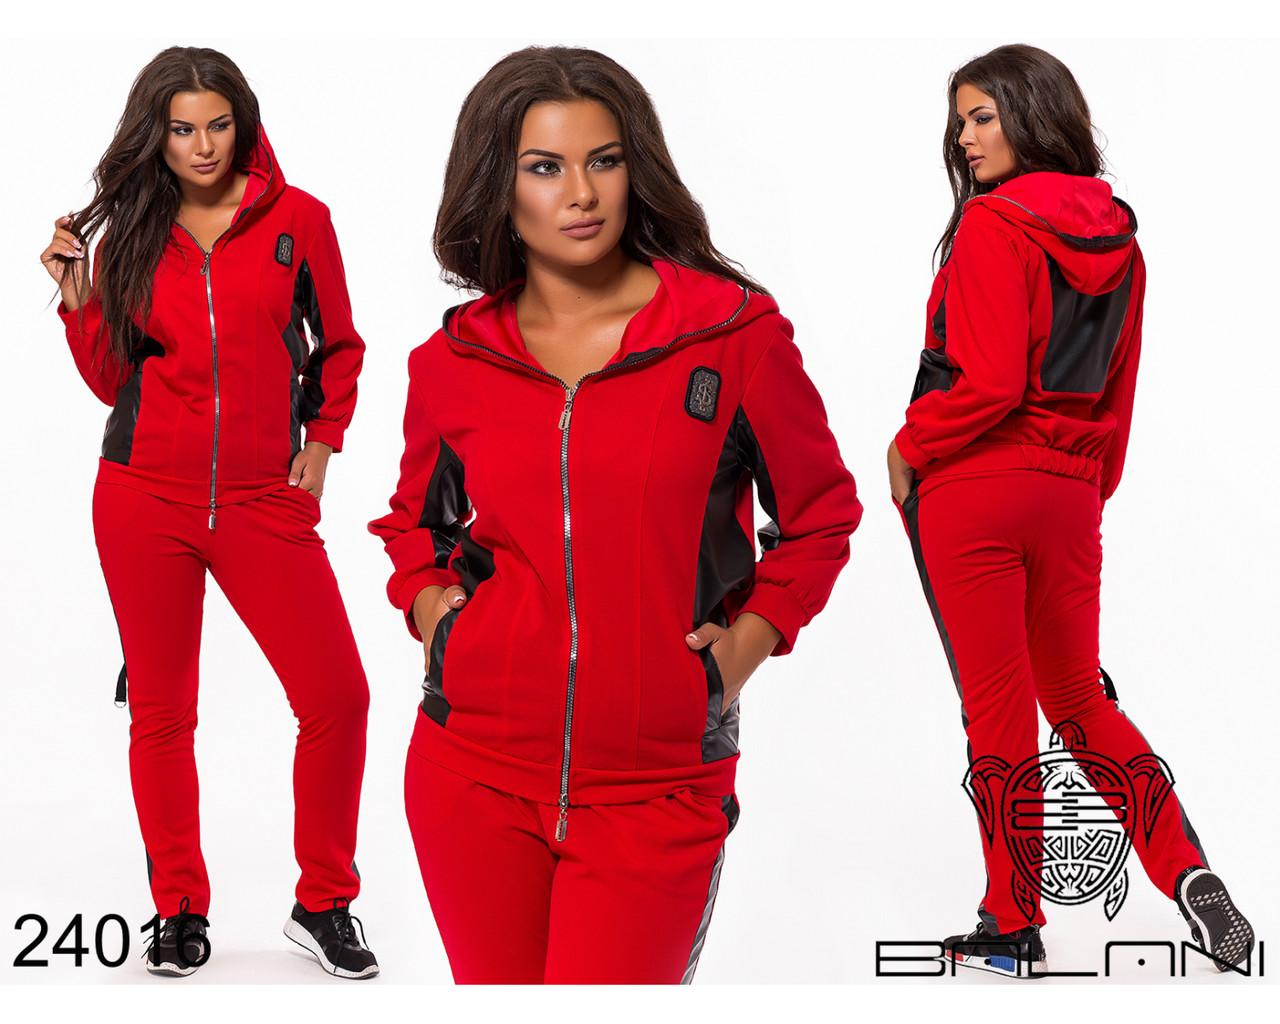 Женский костюм спортивного фасона размер: 48,50,52,54